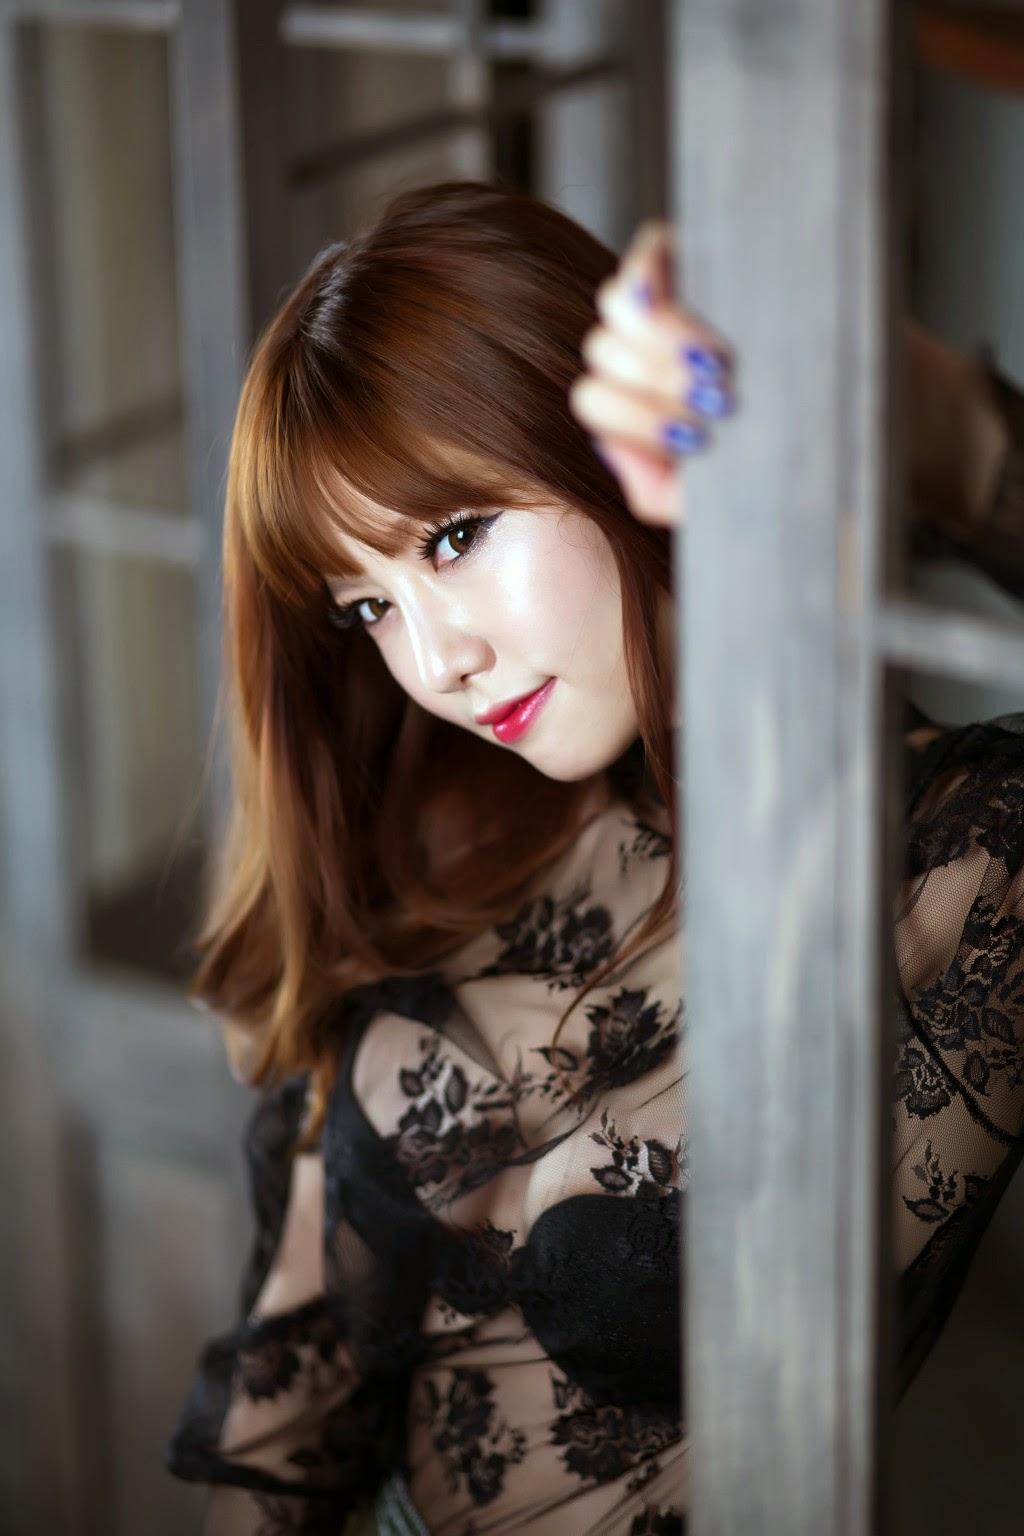 5 Han Min Young - Look Through My Window - very cute asian girl-girlcute4u.blogspot.com